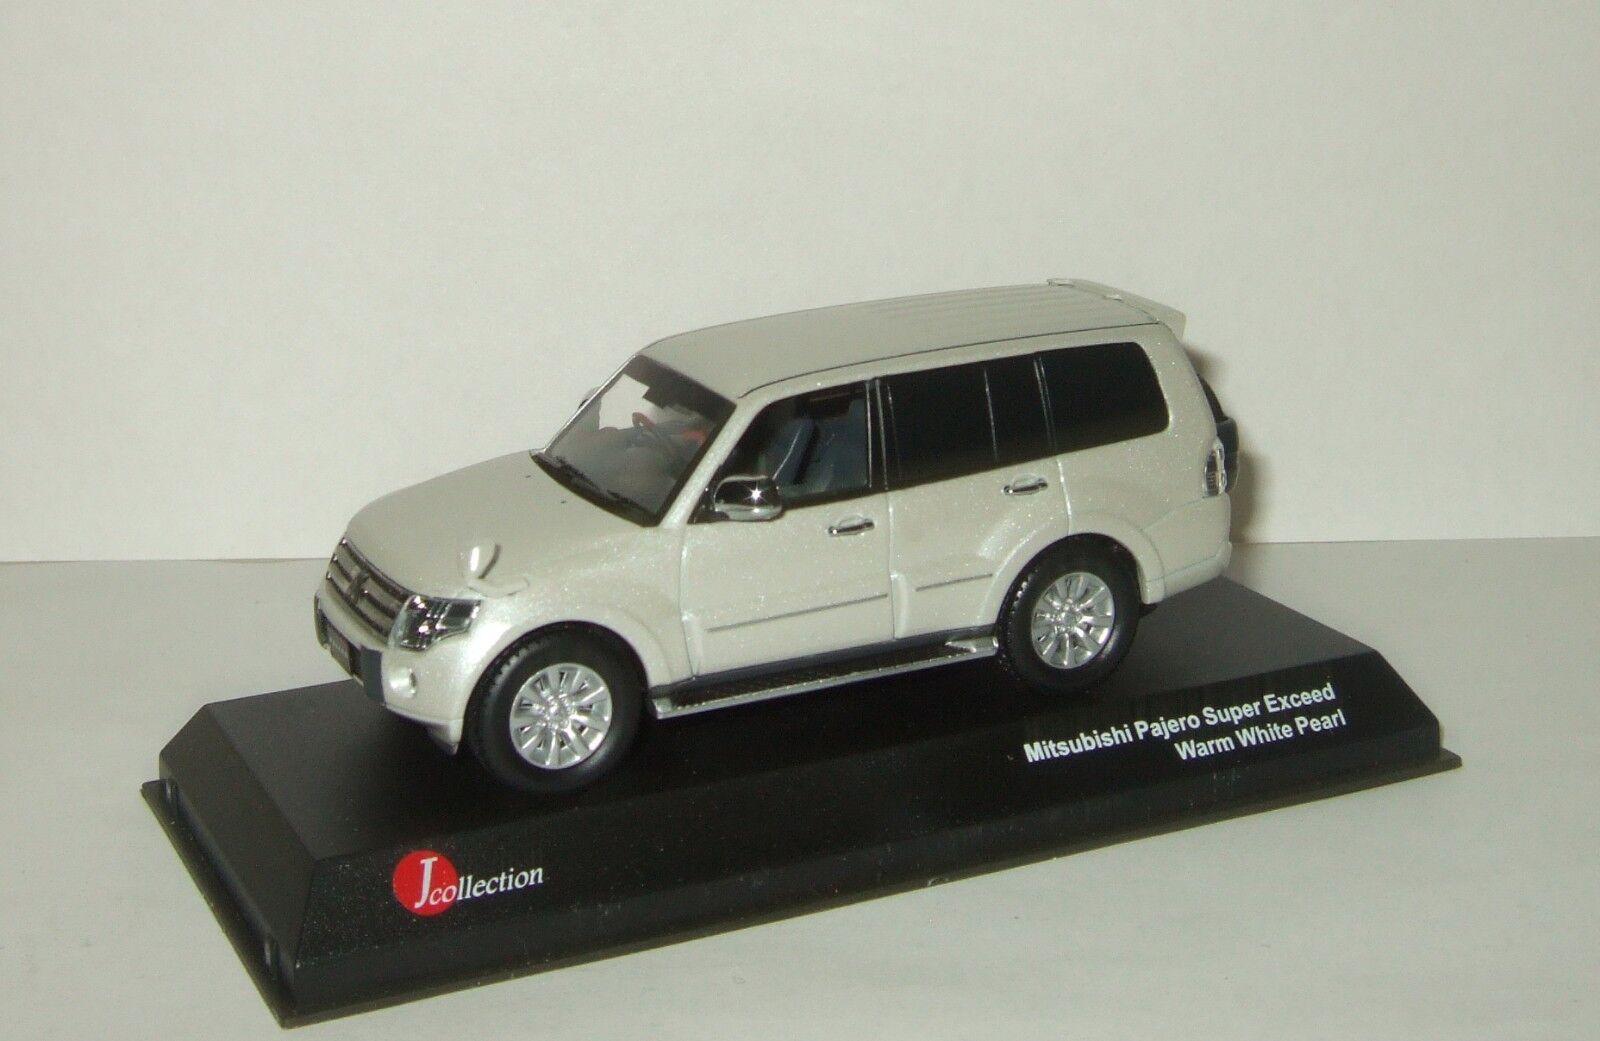 1 43 J-Collection MITSUBISHI PAJERO 4x4 de long Super dépasser Blanc JCP81001WH